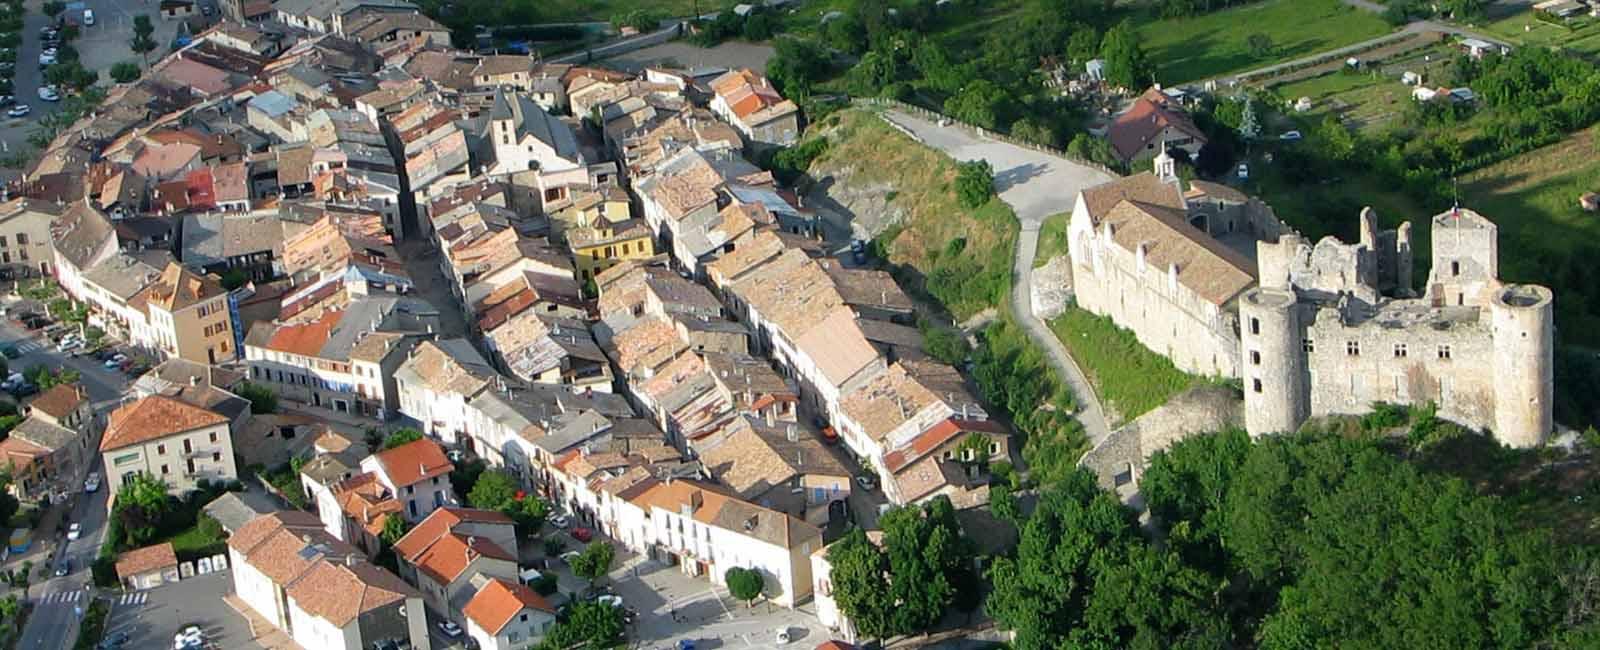 Chateau de Tallard